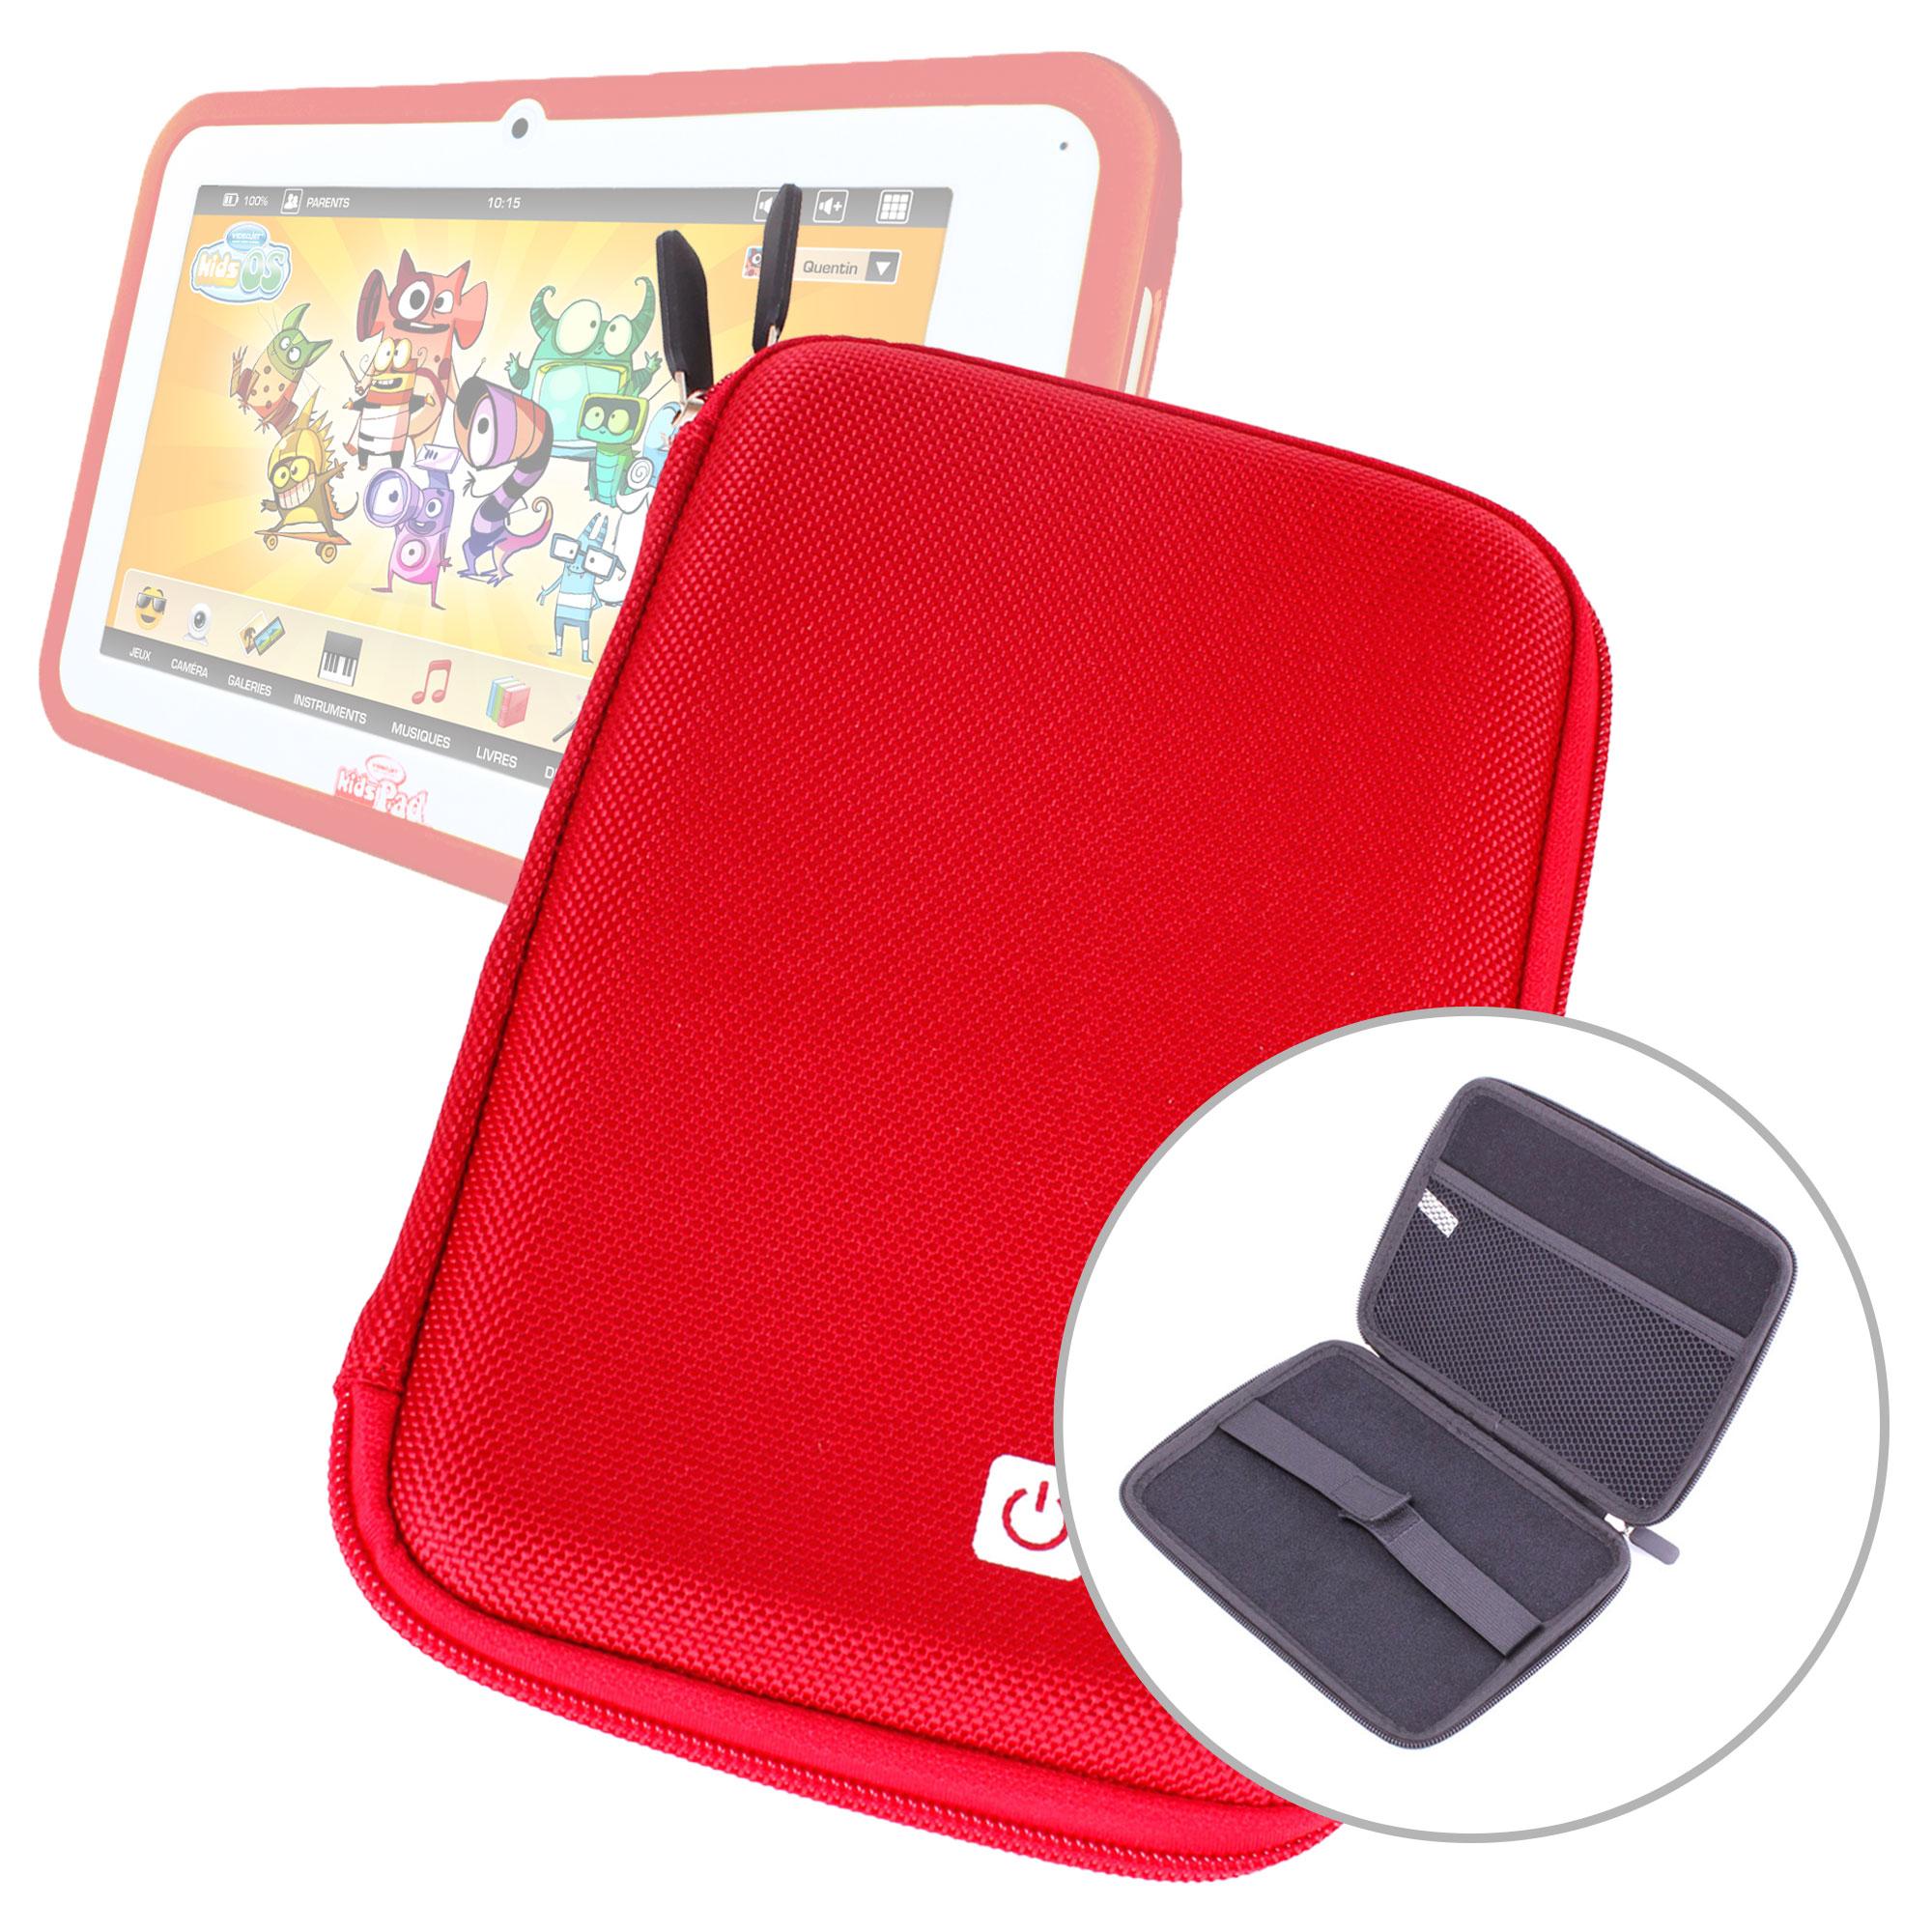 Etui coque rouge rigide pour tablette tactile enfant - Coque pour tablette ...